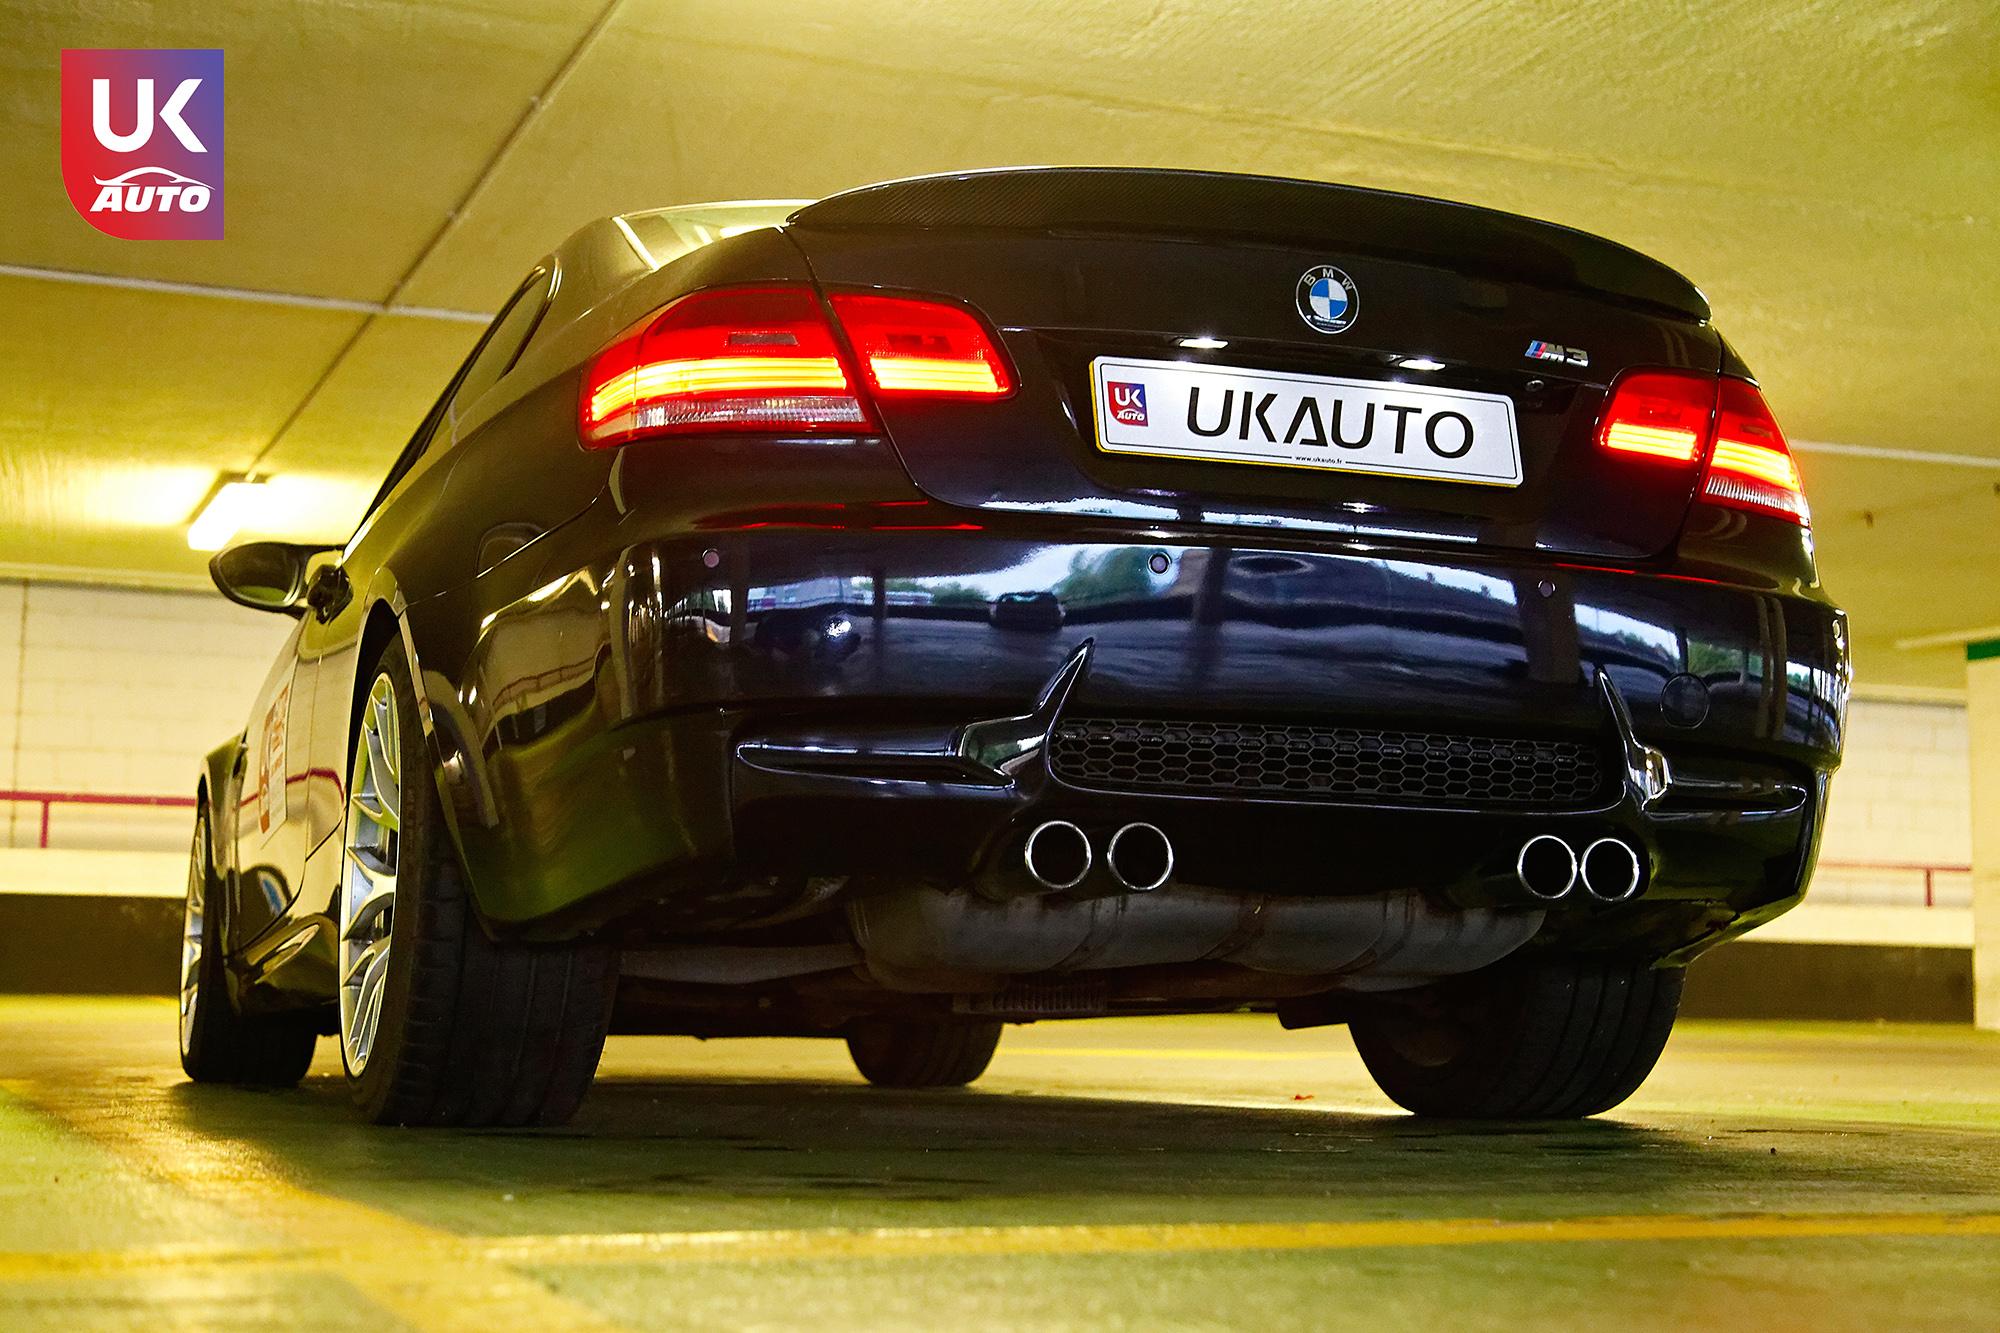 BMW m3 rhd ukauto importer voiture angleterre uk12 - Felecitation a Sylvain Pour cette BMW M3 E92 RHD pour avoir acheter une voiture en angleterre avant le brexit